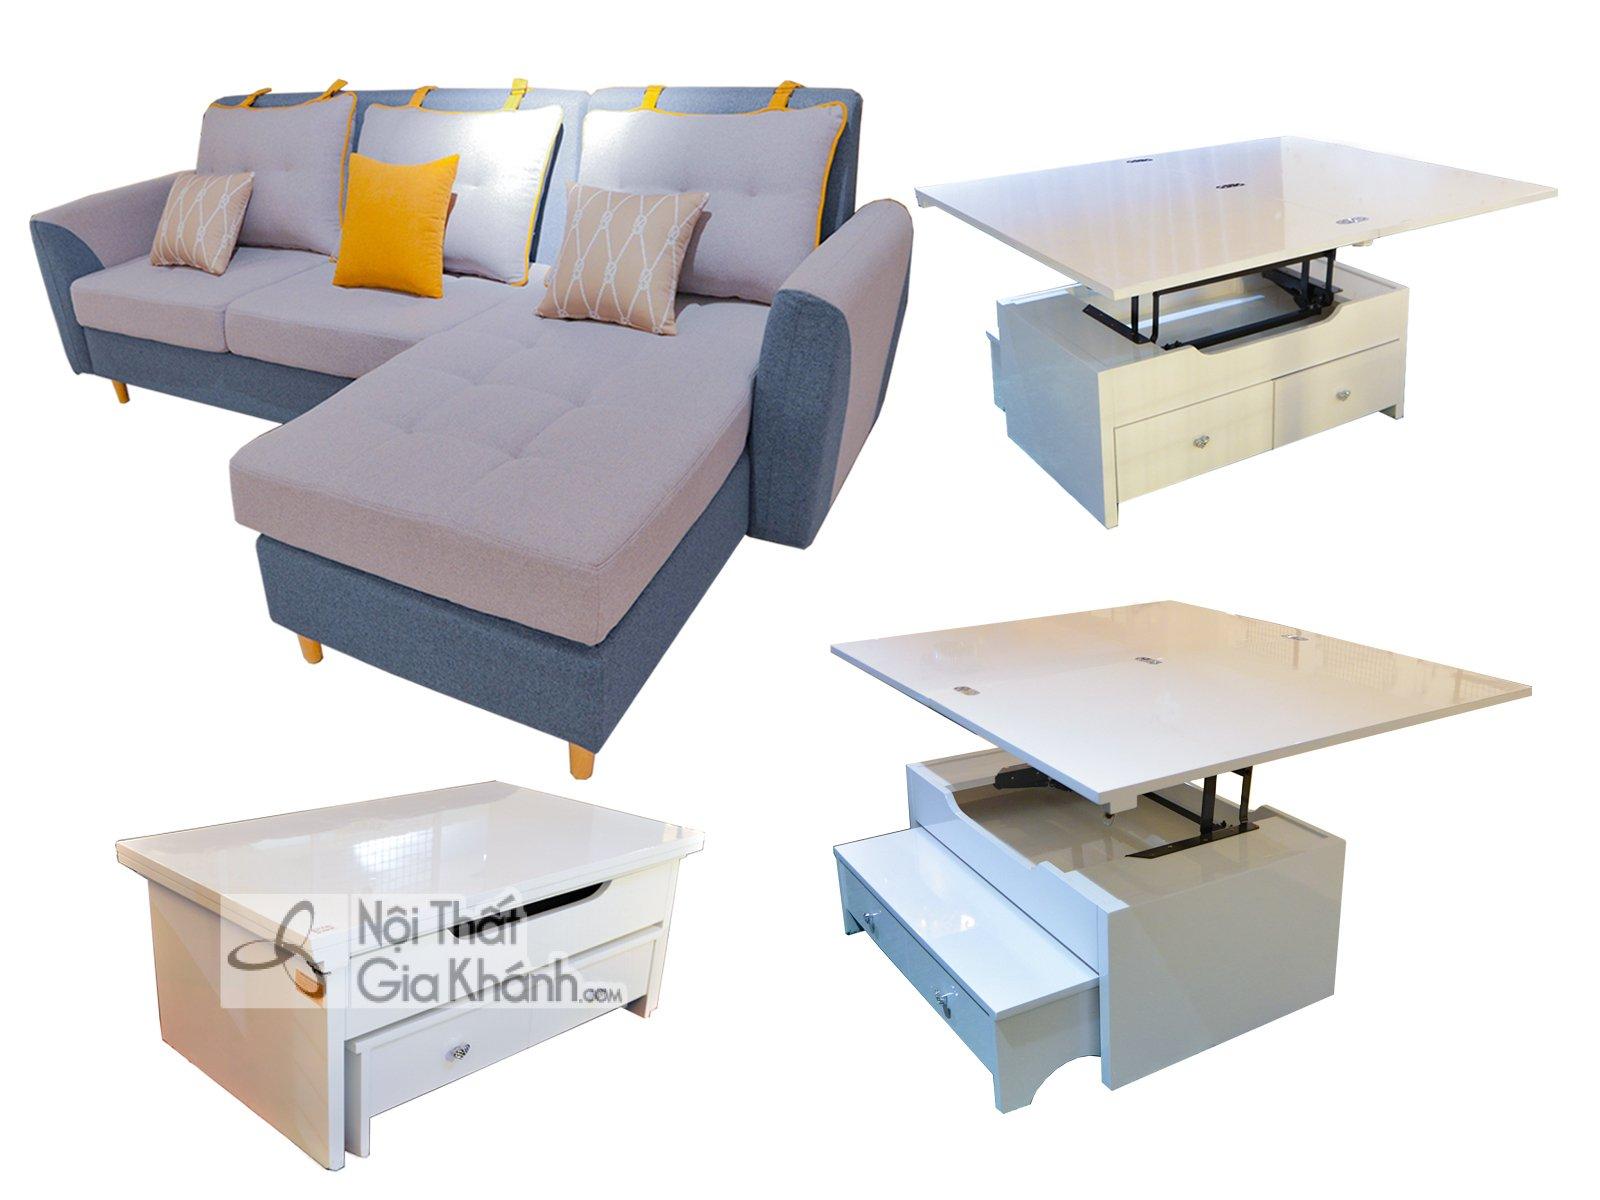 Bộ sofa nỉ kết hợp bàn đa năng SF309-801BT